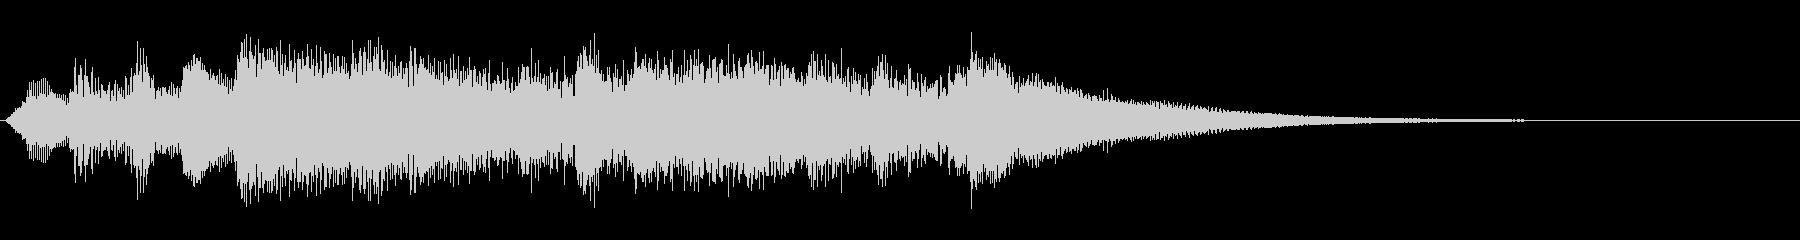 クラシカルなファンタジイメージのジングルの未再生の波形